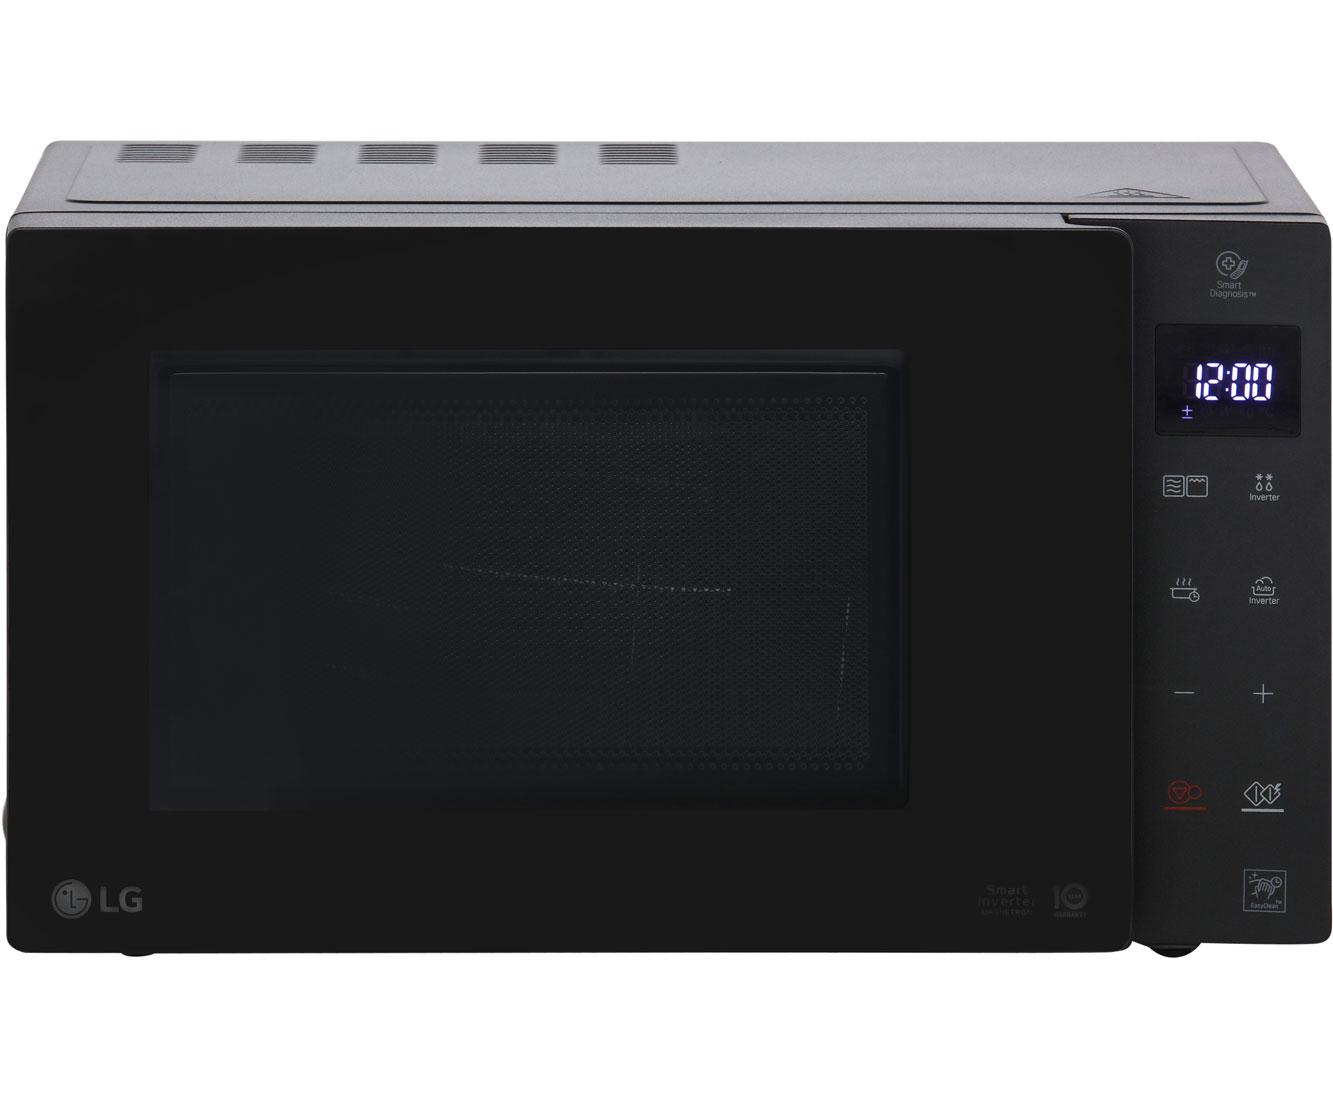 LG MH 6336 GIB Mikrowellen - Schwarz | Küche und Esszimmer > Küchenelektrogeräte > Mikrowellen | Schwarz | LG